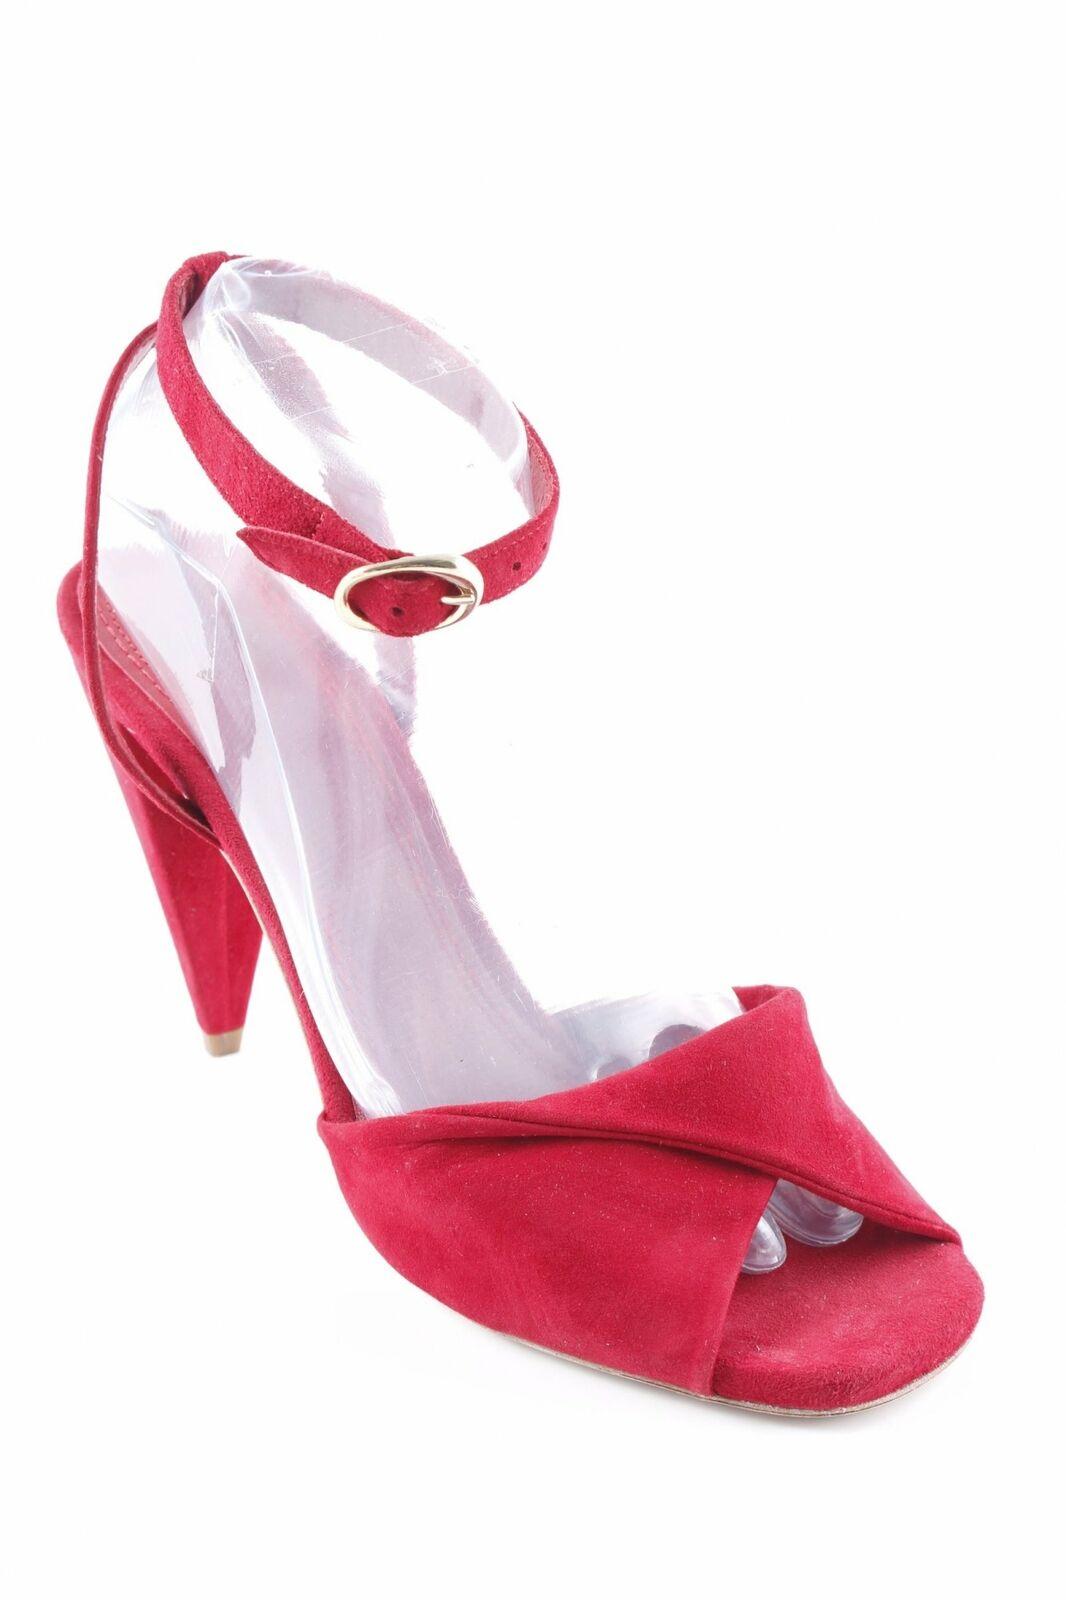 ahorre 60% de descuento Maje con tiras-sandalias rojo oscuro elegante elegante elegante señora talla de 40 High-heeled Sandals  marca de lujo